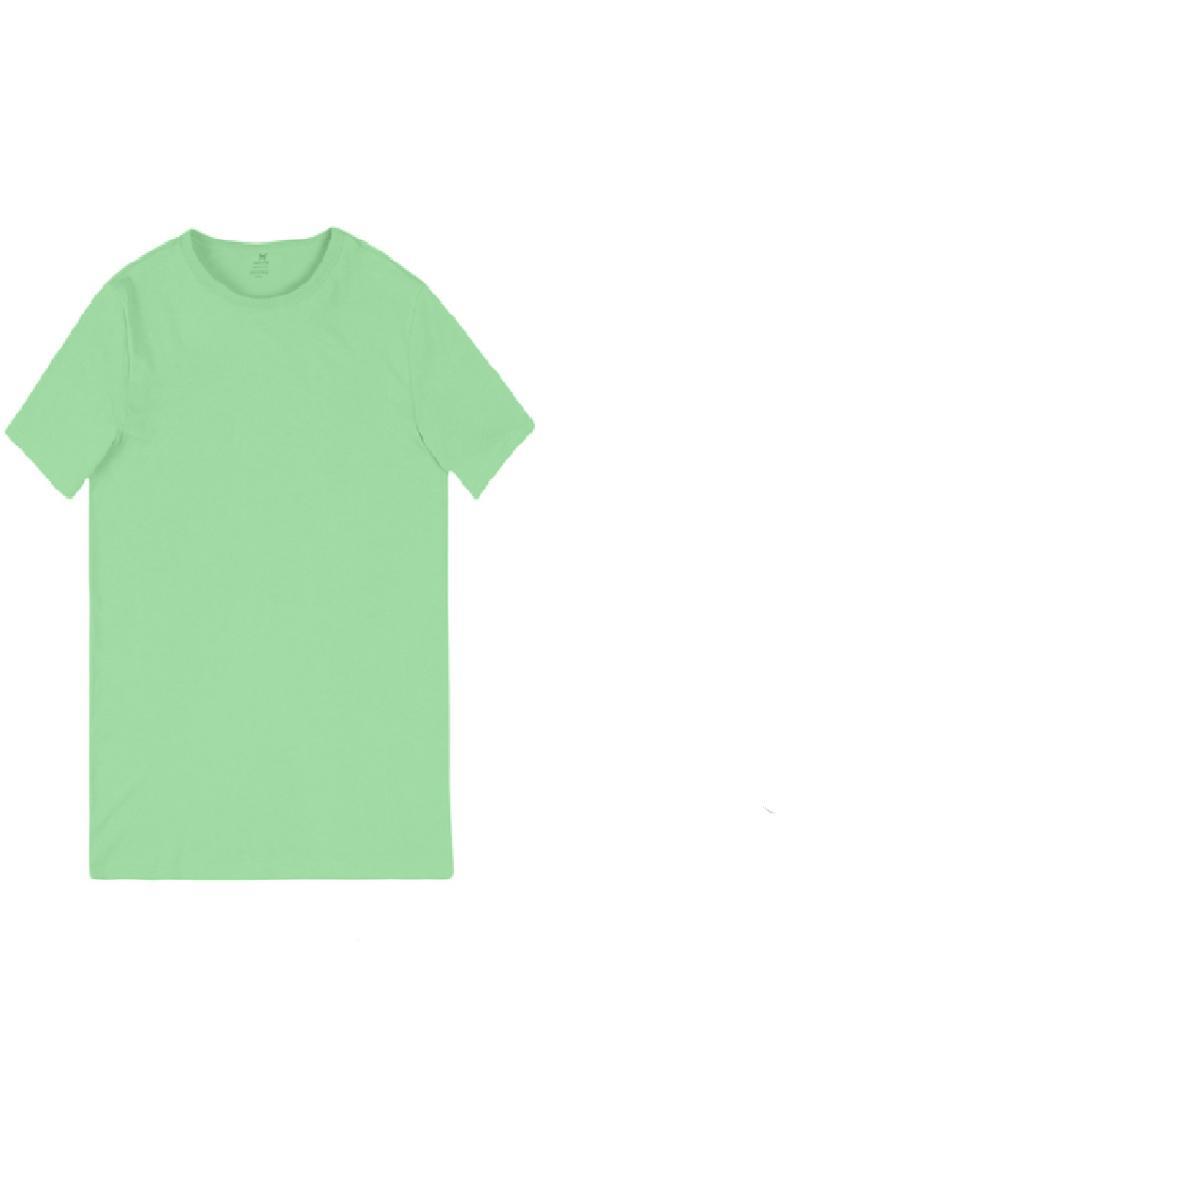 Camiseta Masculina Hering 0299 Wg4en Verde Claro